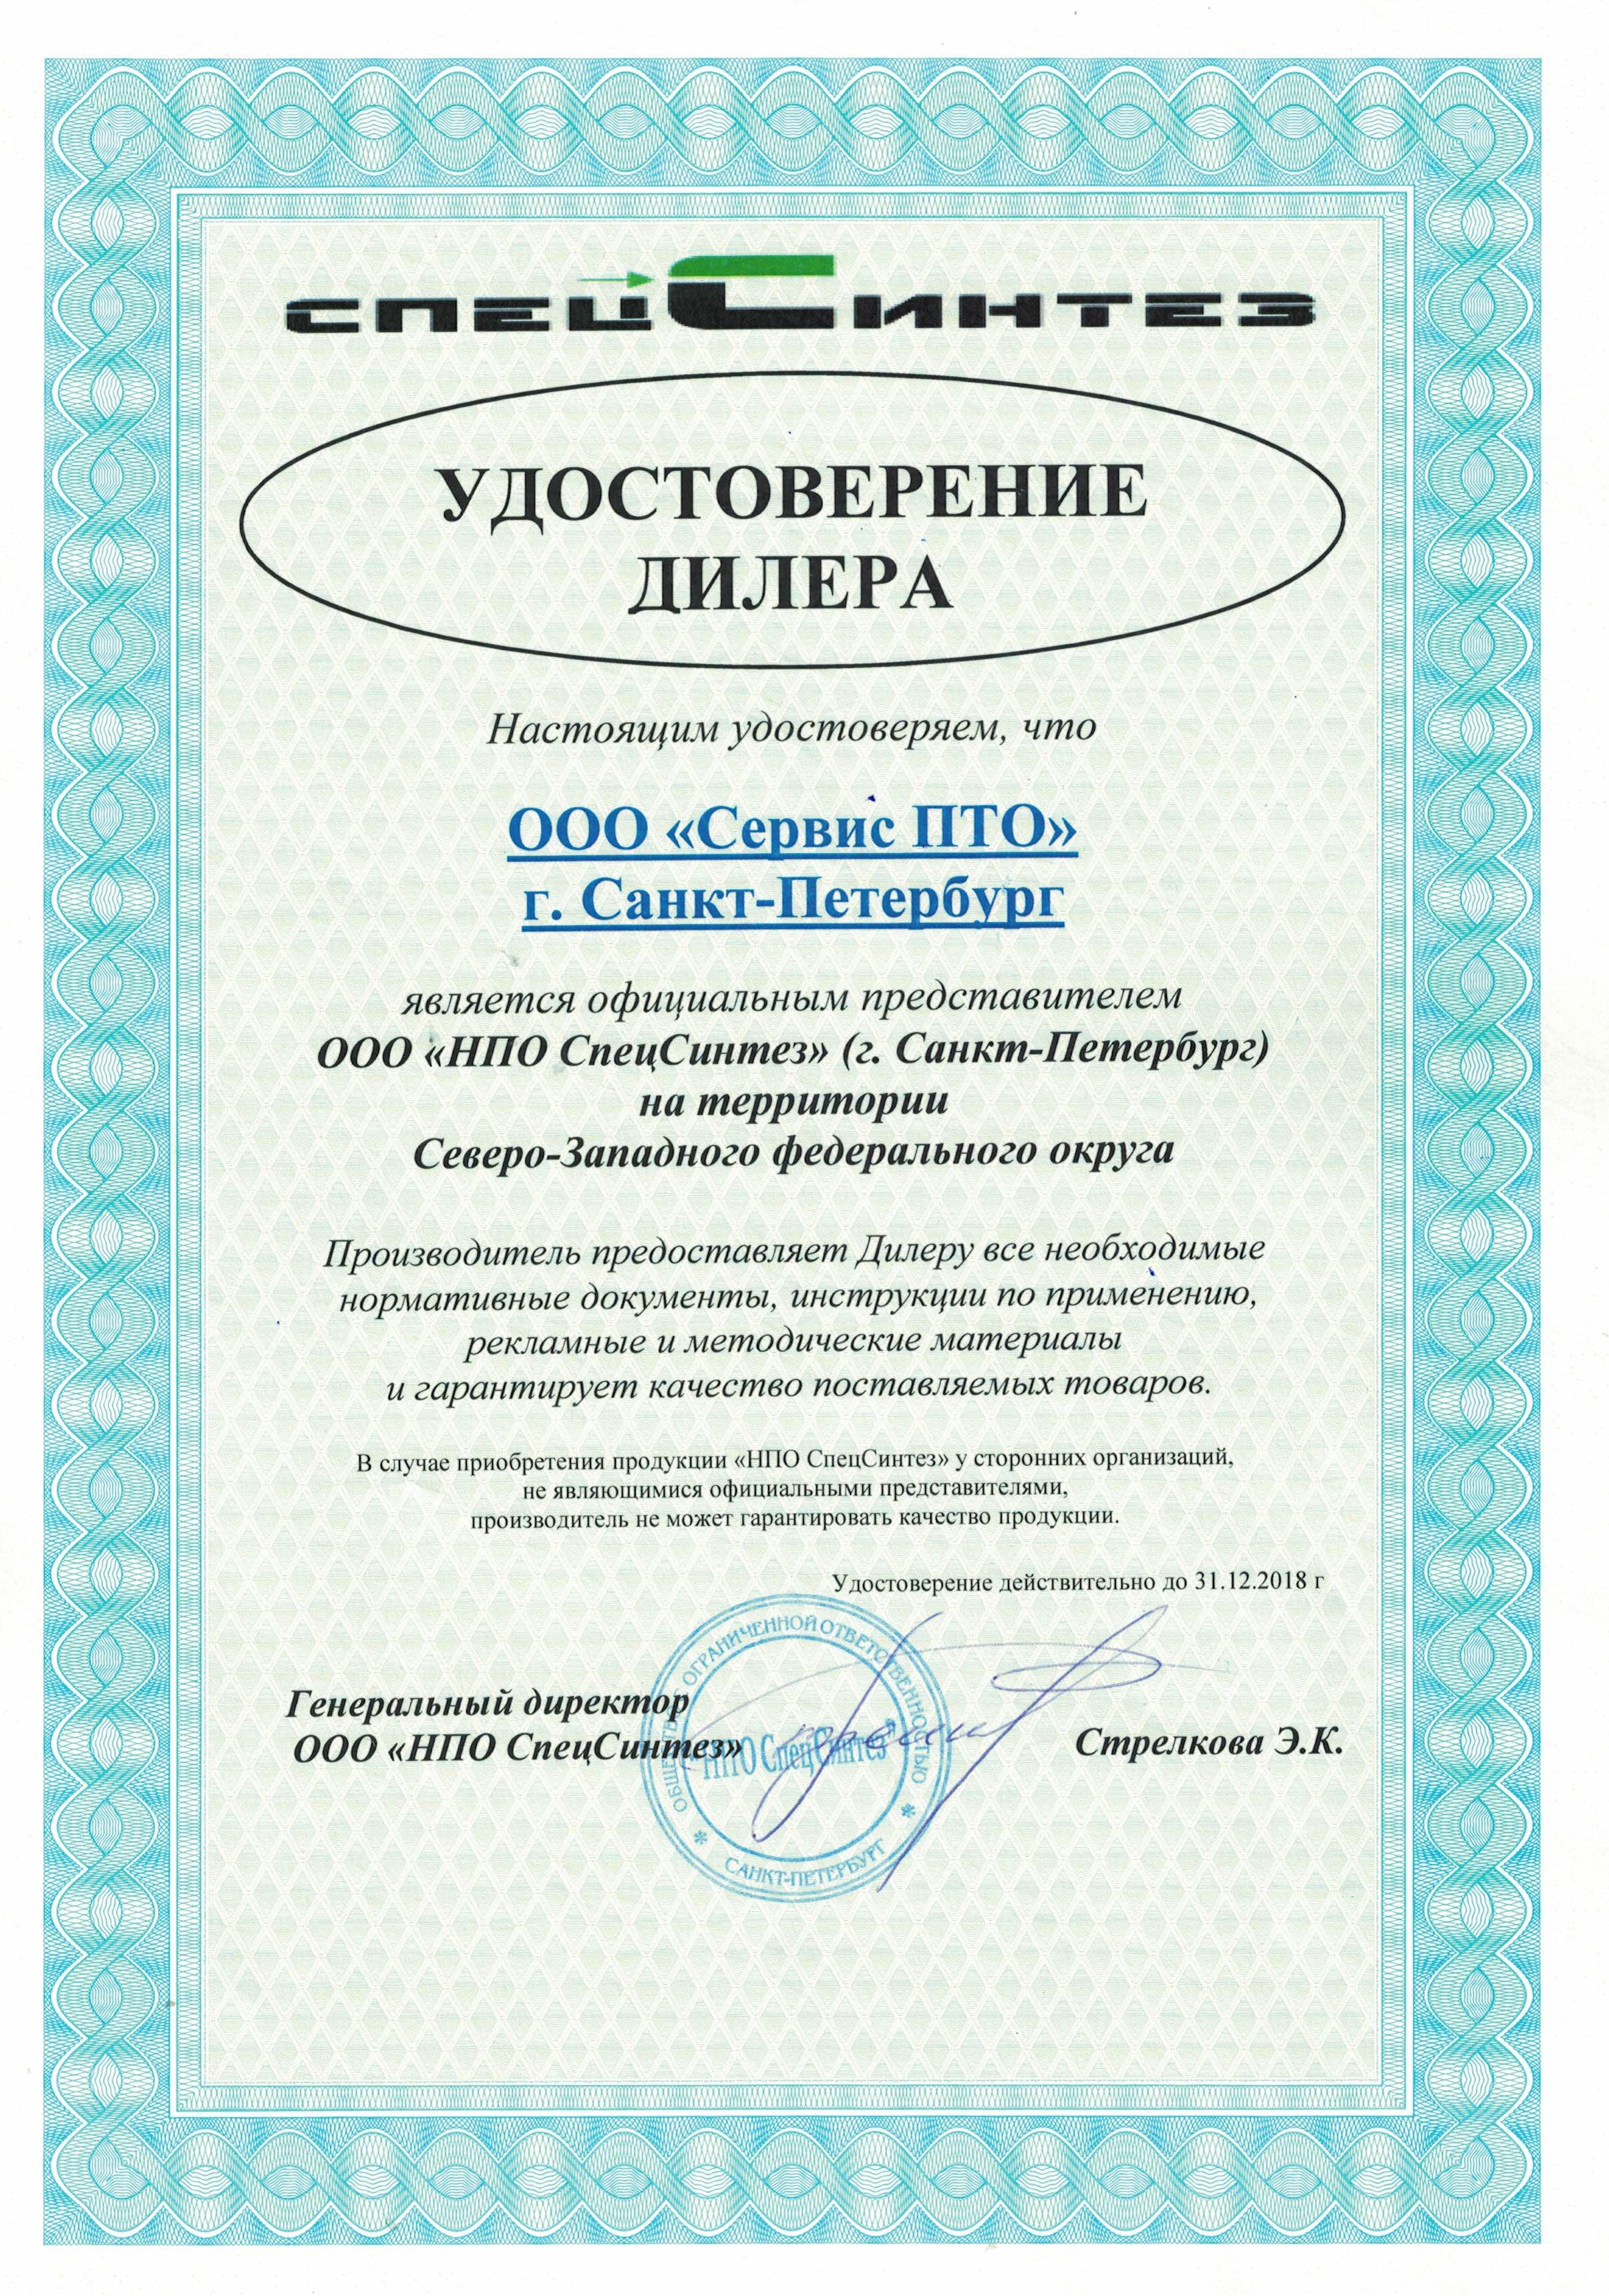 Удостоверение дилера СпецСинтез 2018